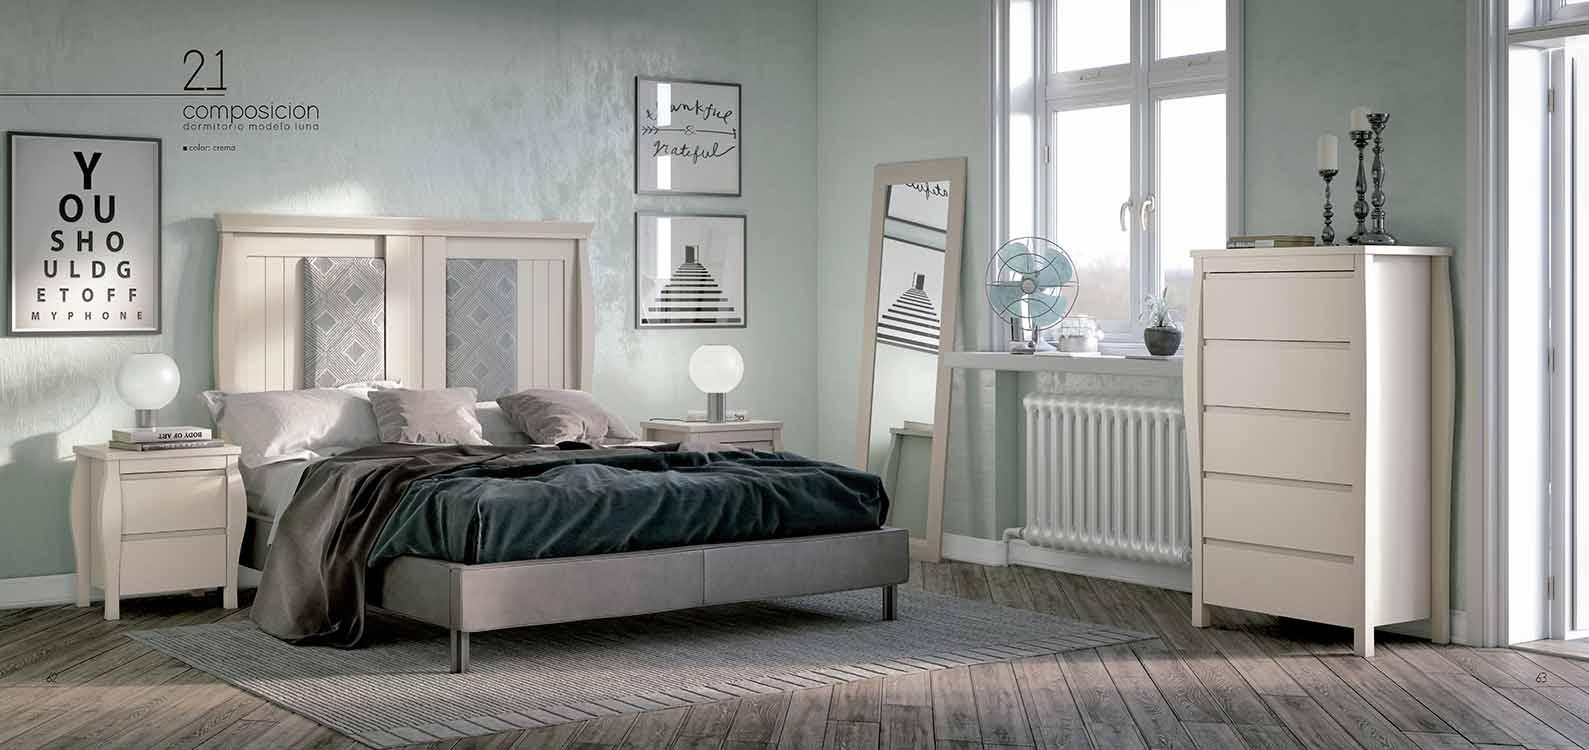 http://www.munozmuebles.net/nueva/catalogo/dormitorios-clasicos.html -  Espectaculares muebles prácticos en la provincia de Toledo